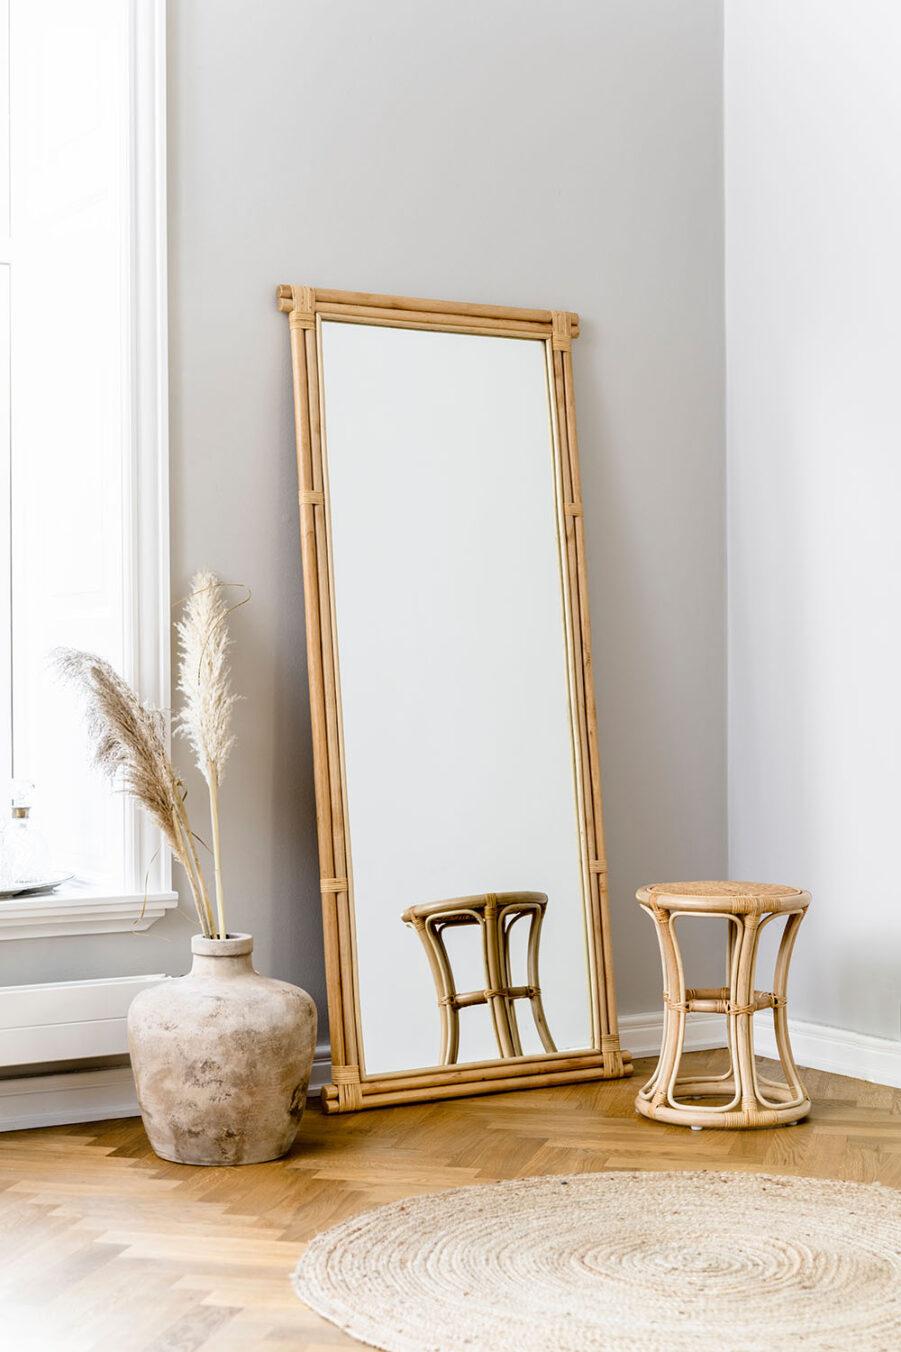 Sika Design Bella pall/sidobord natur och Rasmus spegel natur